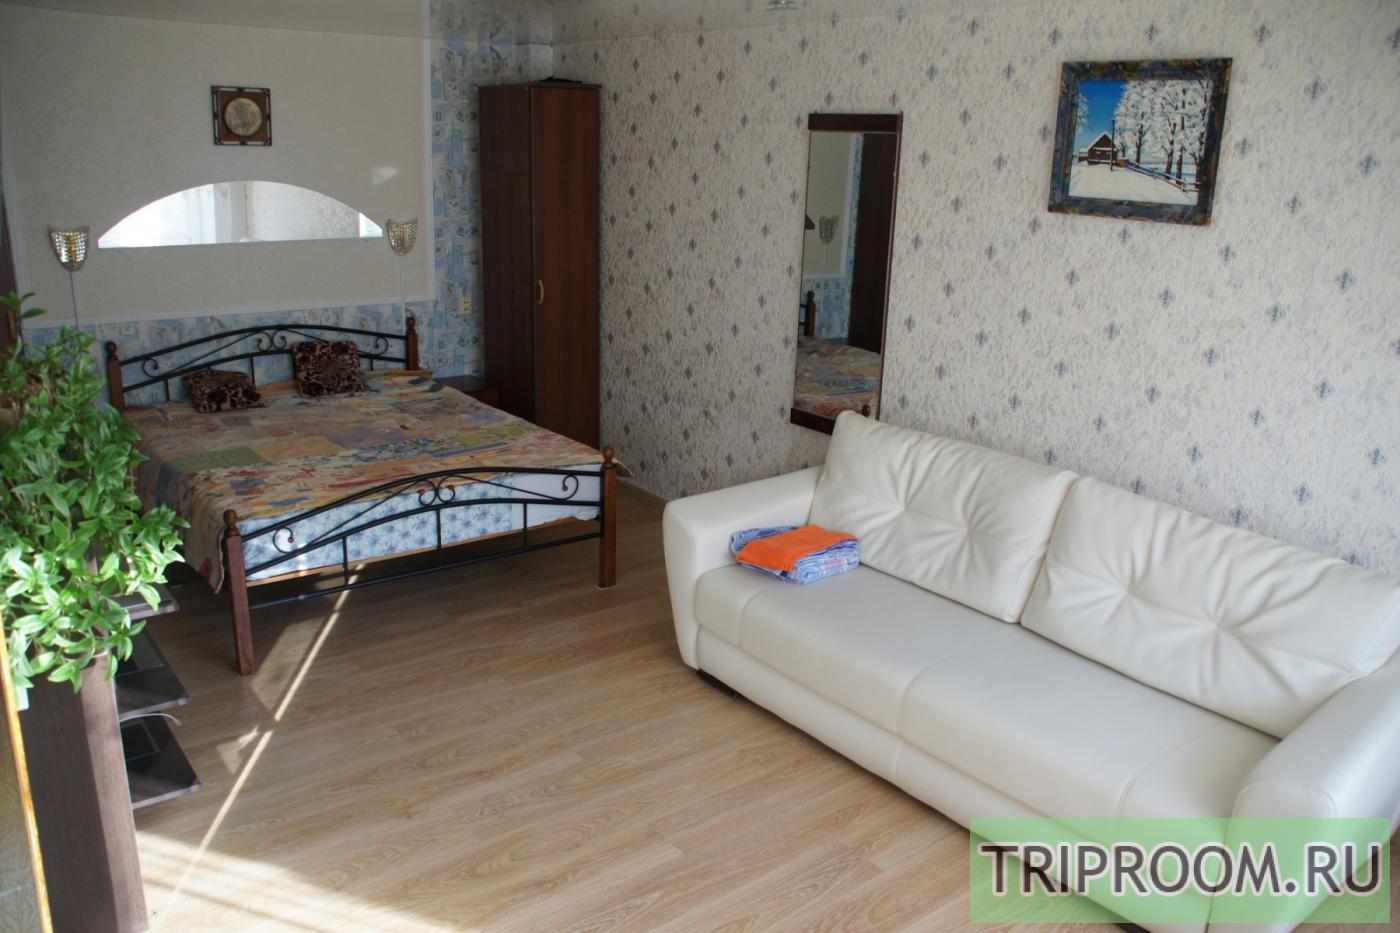 1-комнатная квартира посуточно (вариант № 18692), ул. Невская улица, фото № 2